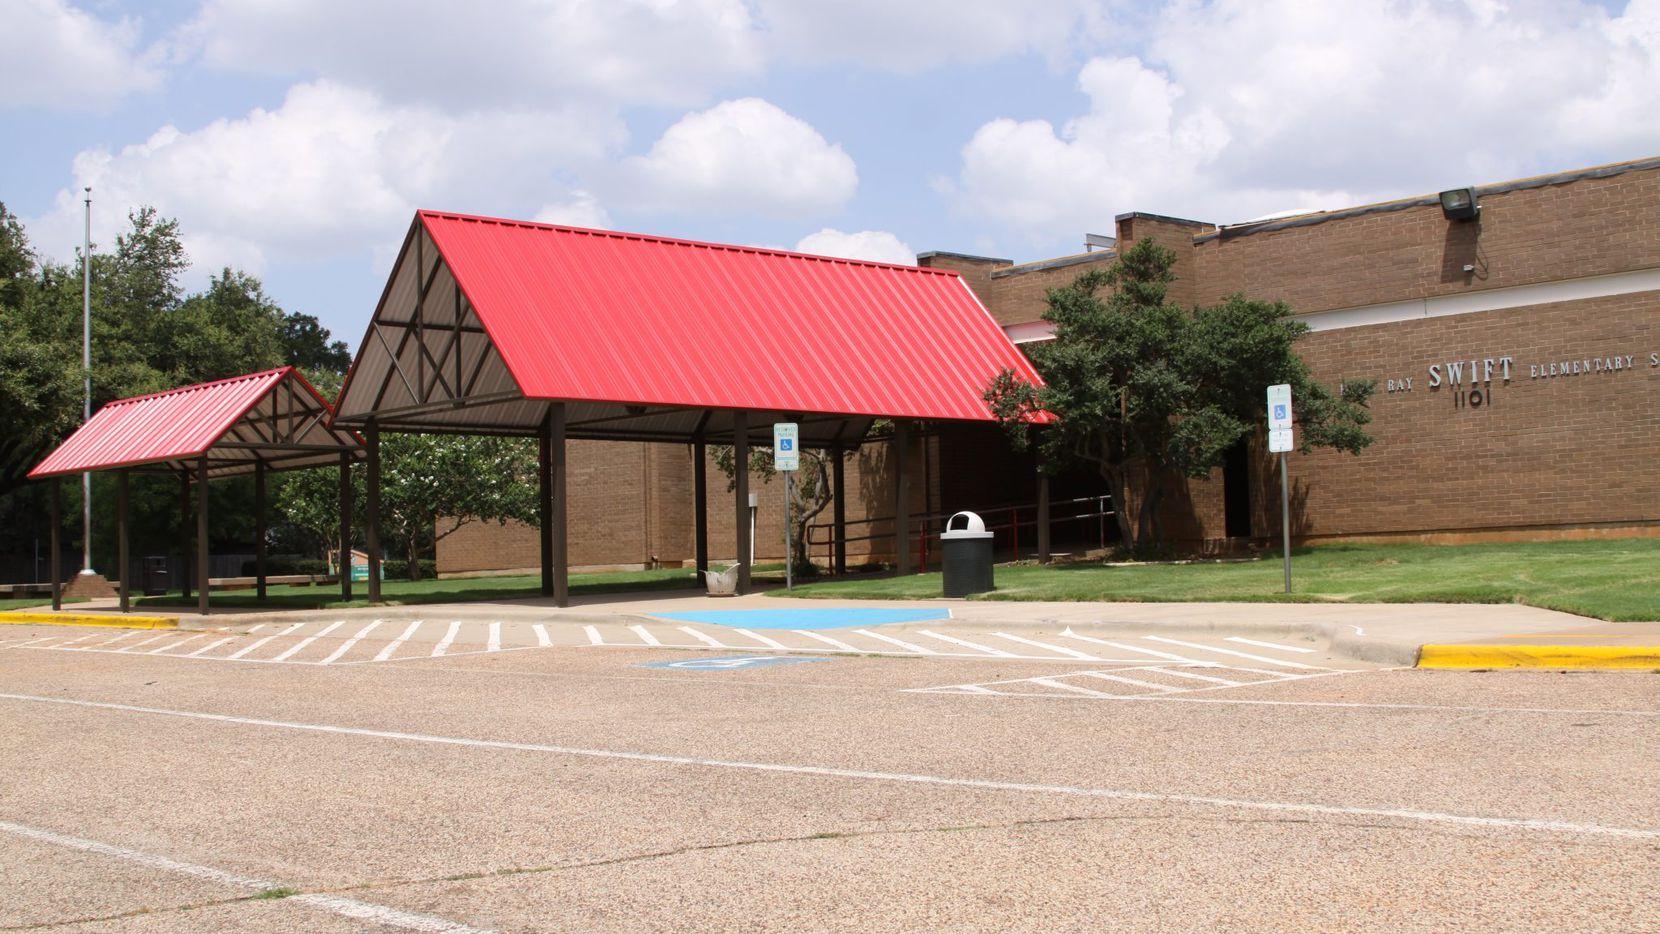 Swift Elementary School in Arlington, Texas